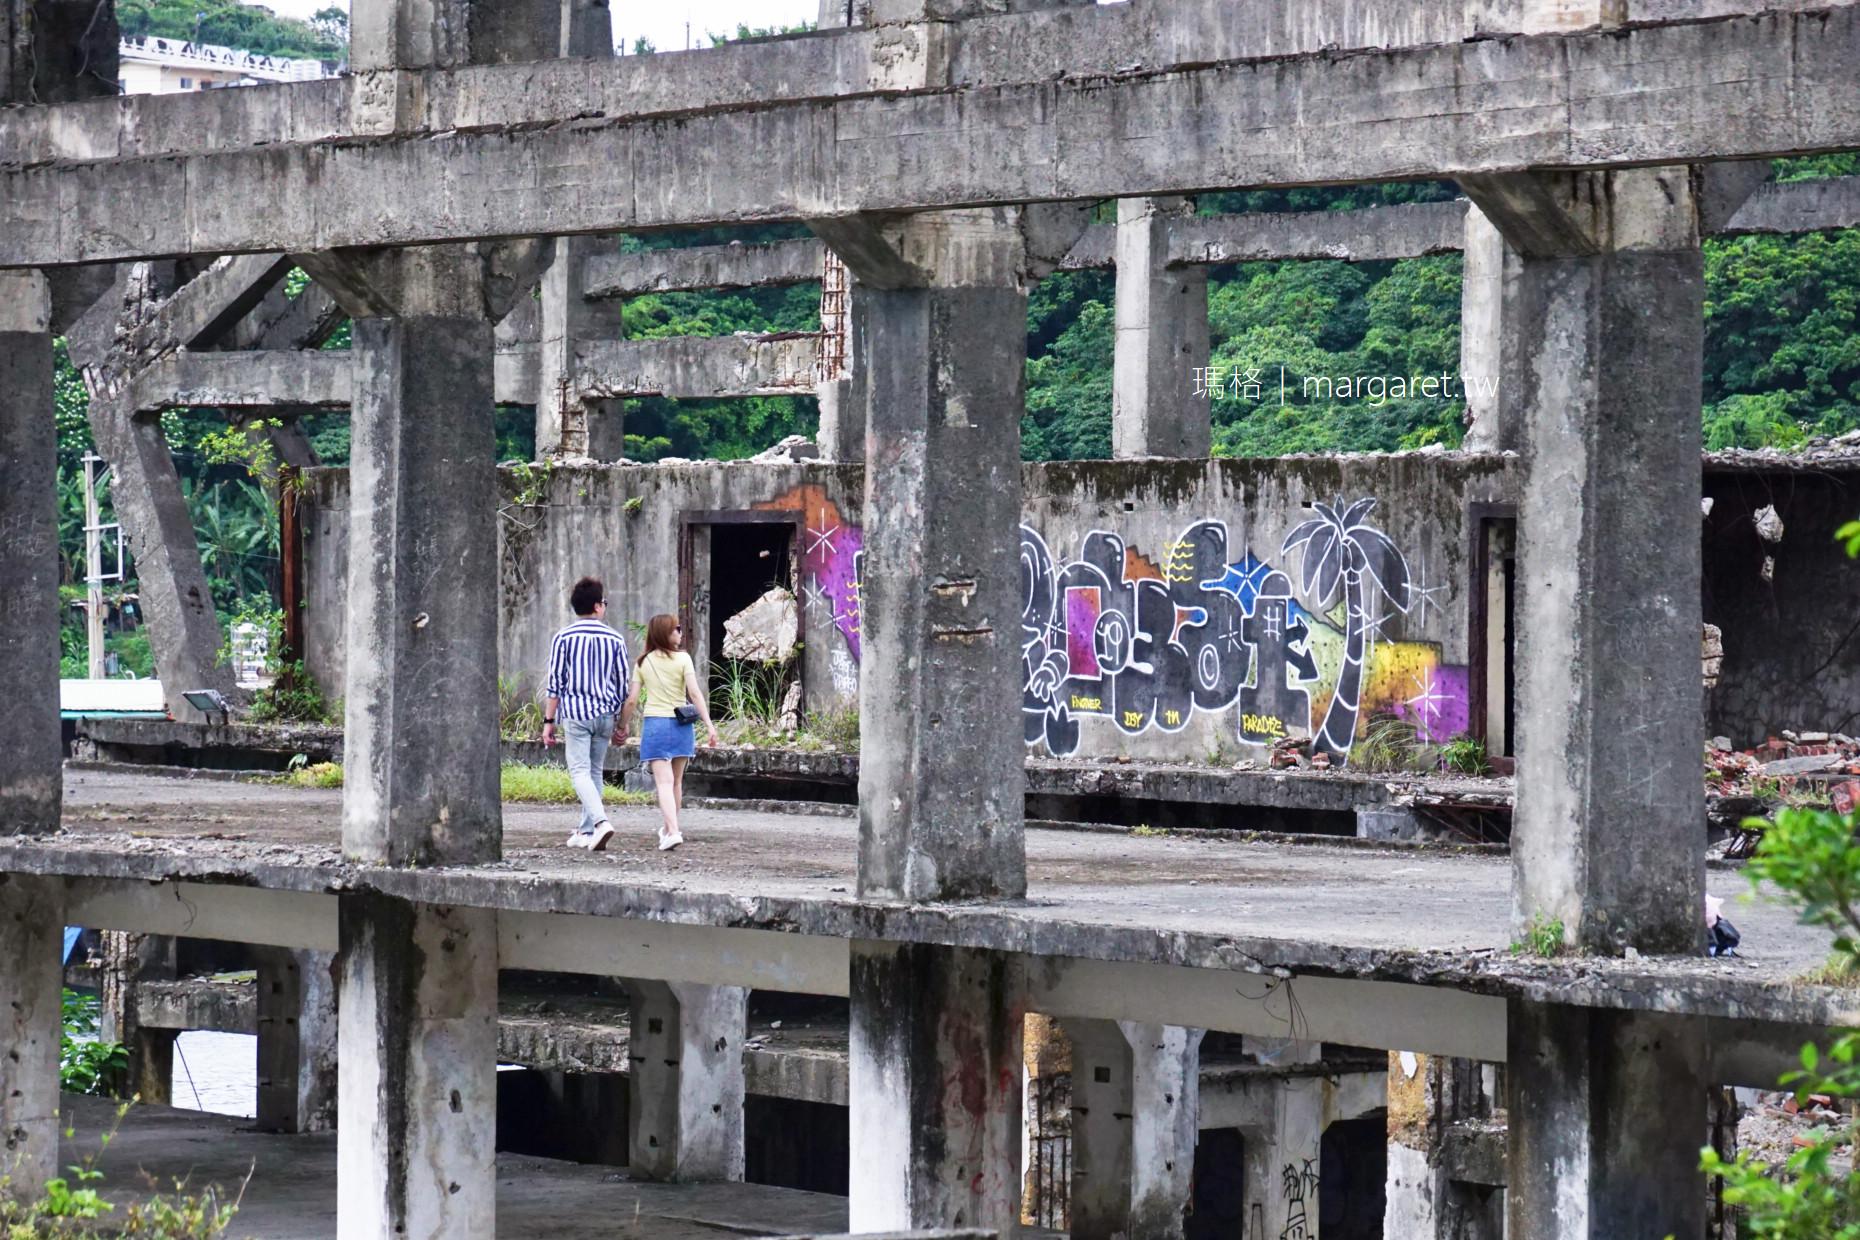 阿根納造船廠。基隆漁港廢墟變身網紅拍照聖地|一定要注意安全 @瑪格。圖寫生活